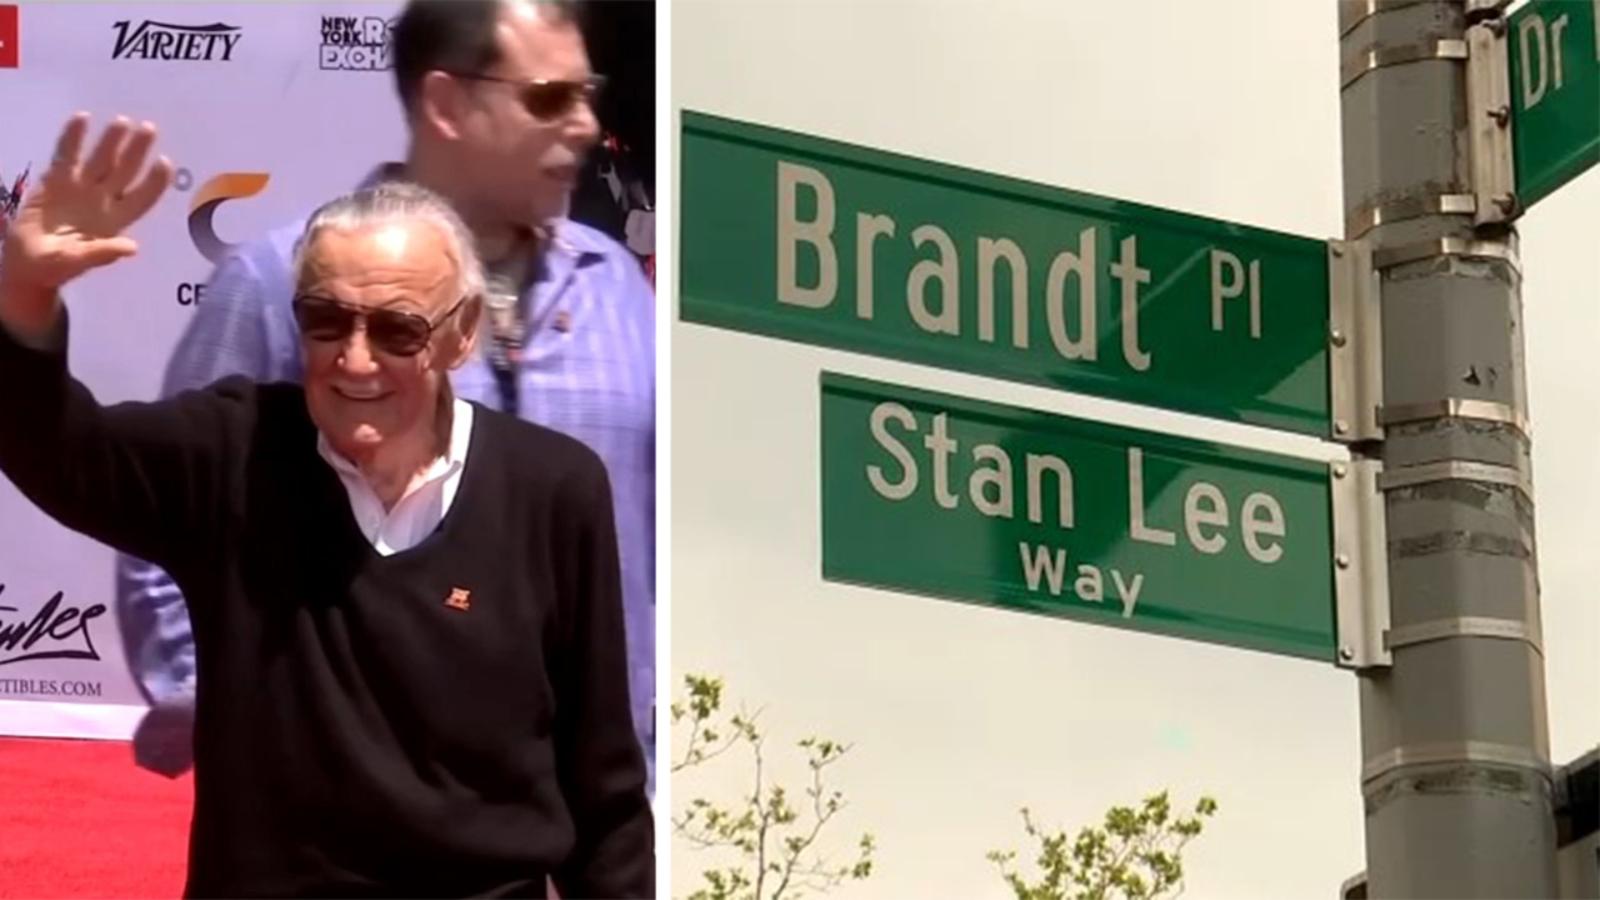 Bronx street renamed 'Stan Lee Way' in honor of Marvel comic book legend